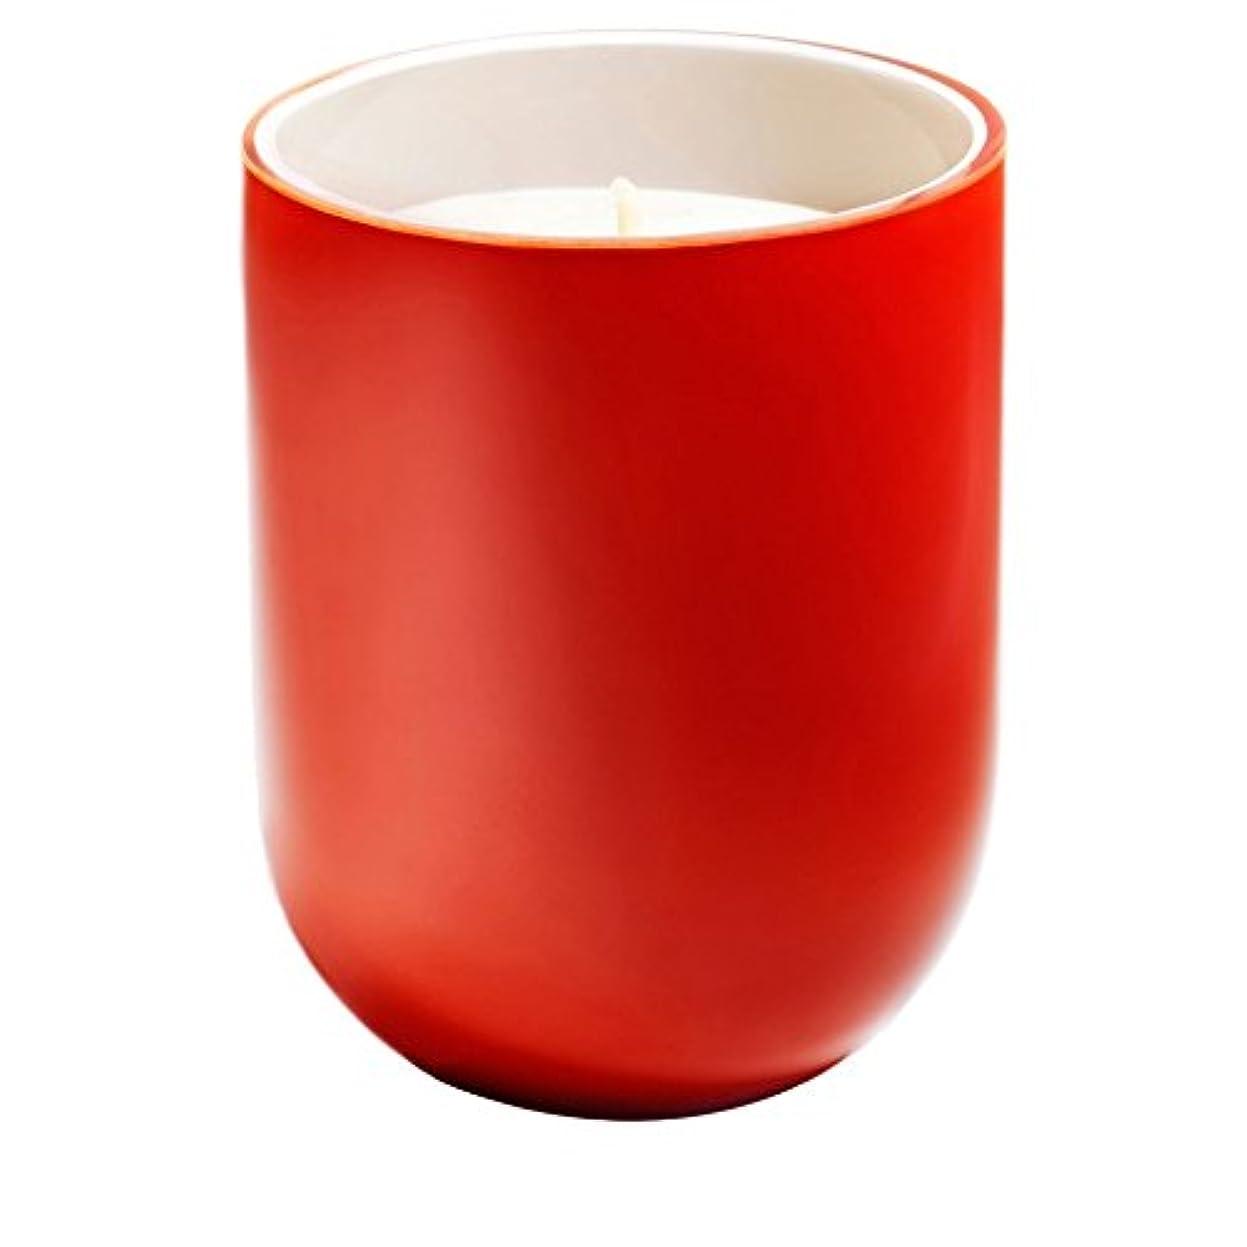 論理交通渋滞ヒューズFrederic Malle Caf? Society Scented Candle (Pack of 4) - フレデリック?マルカフェ社会の香りのキャンドル x4 [並行輸入品]